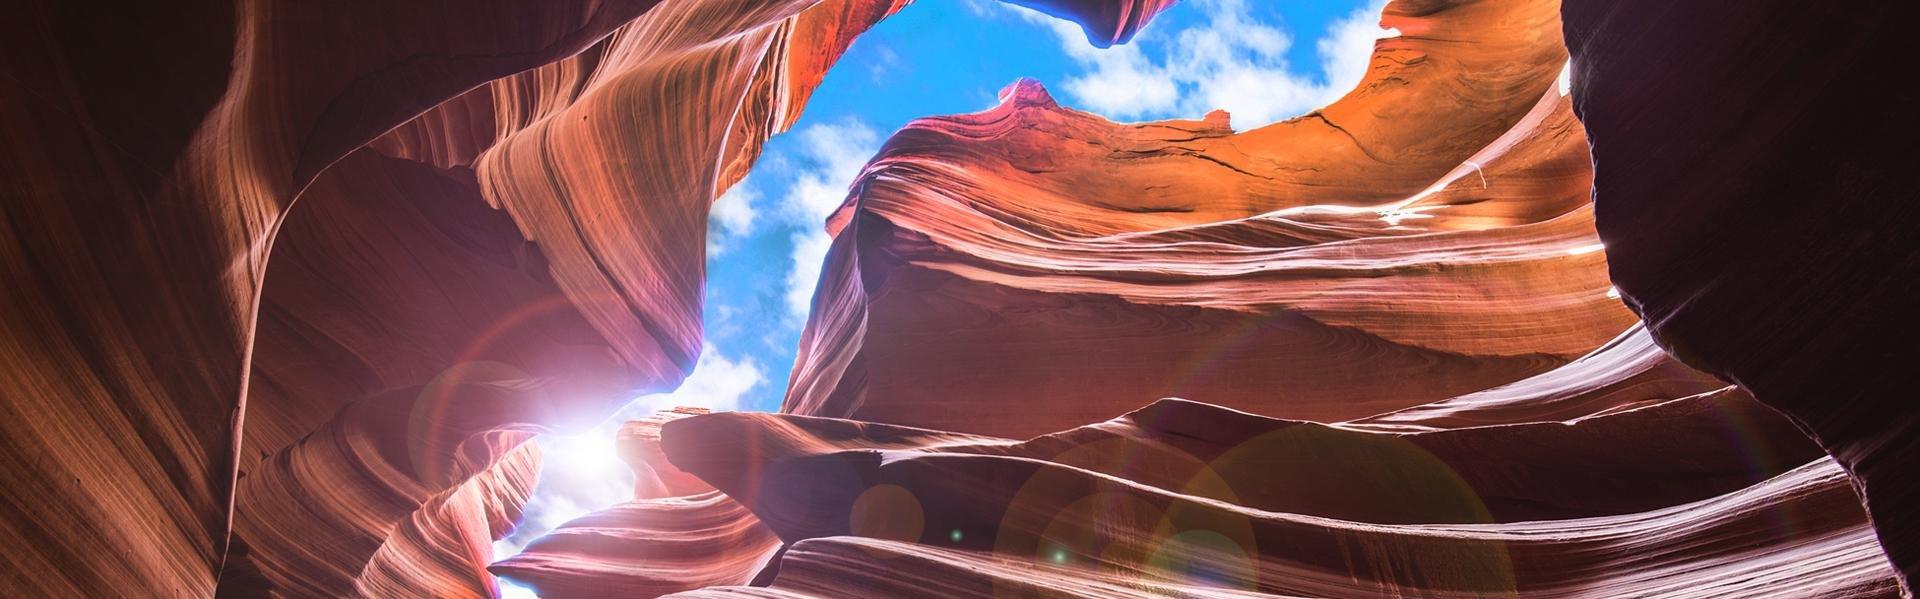 Antelope Canyon, Amerika